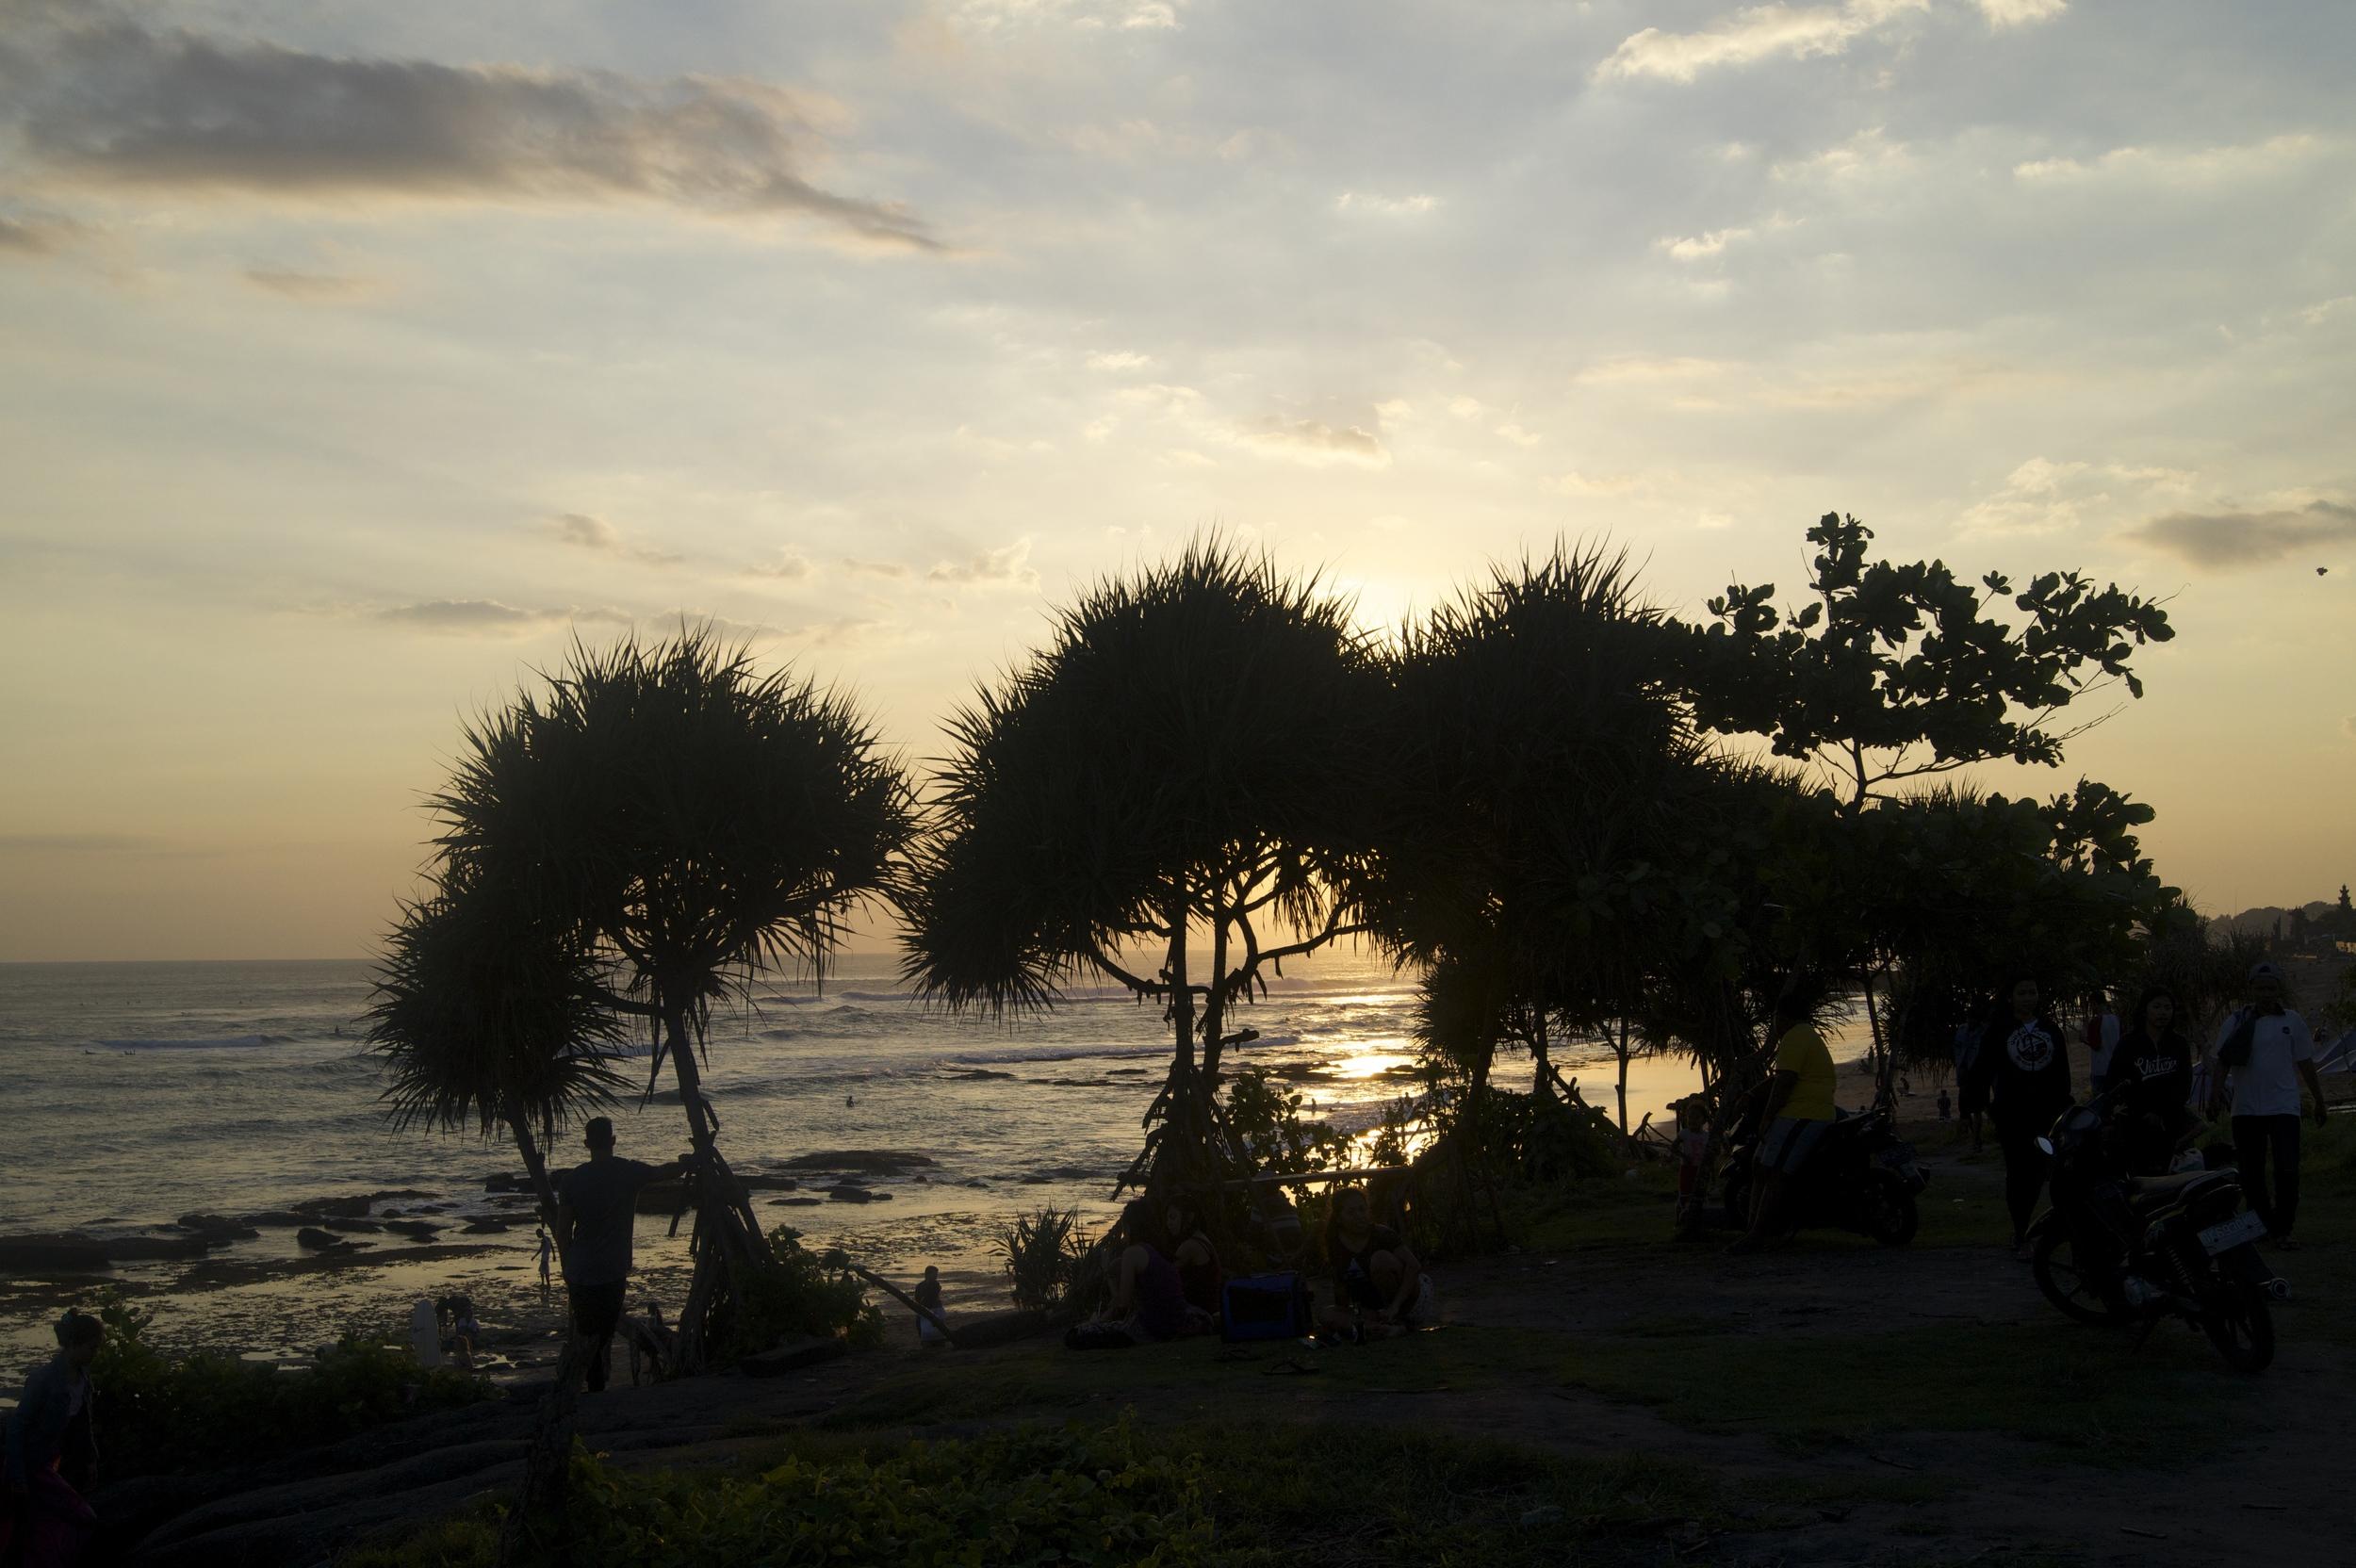 苍谷老人海滩的美丽日落。从CangguSTAY步行约25分钟或骑摩托车约10分钟!